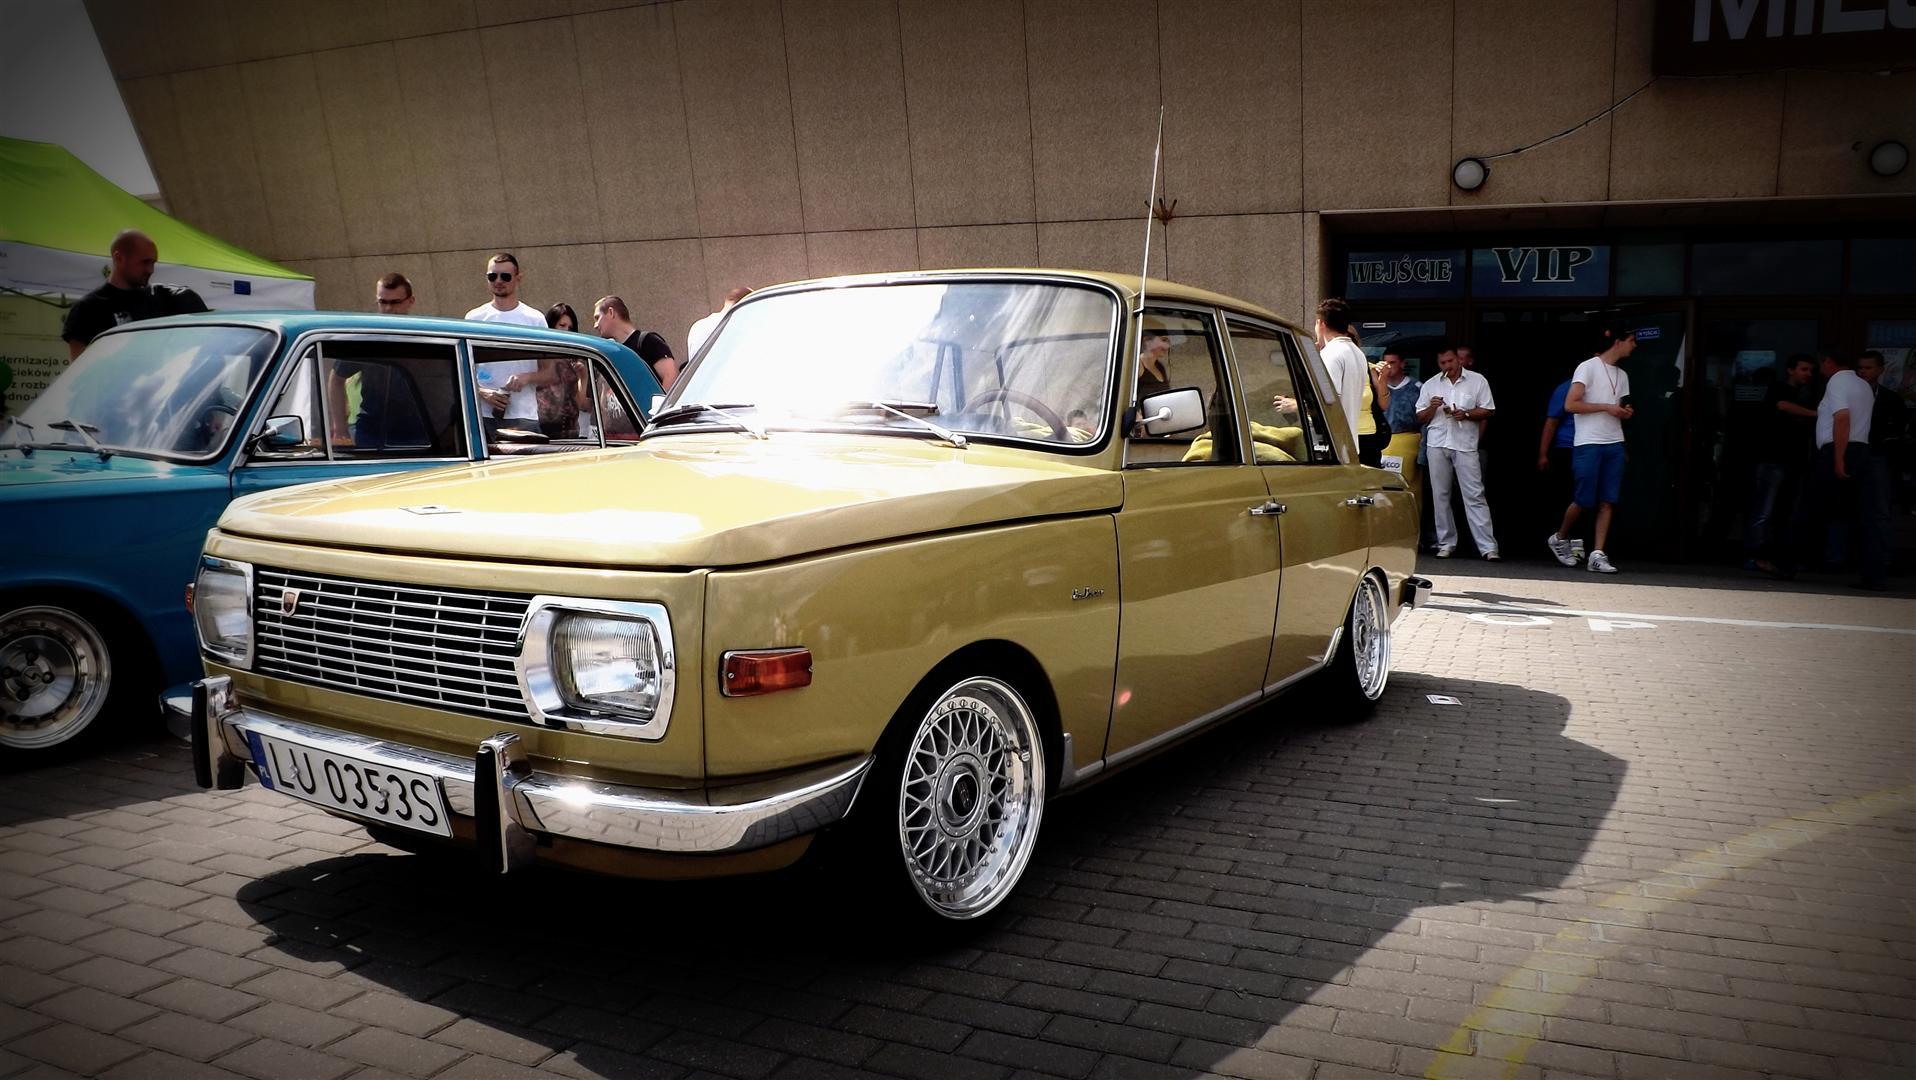 DSCF1025 - Kopia (Large)